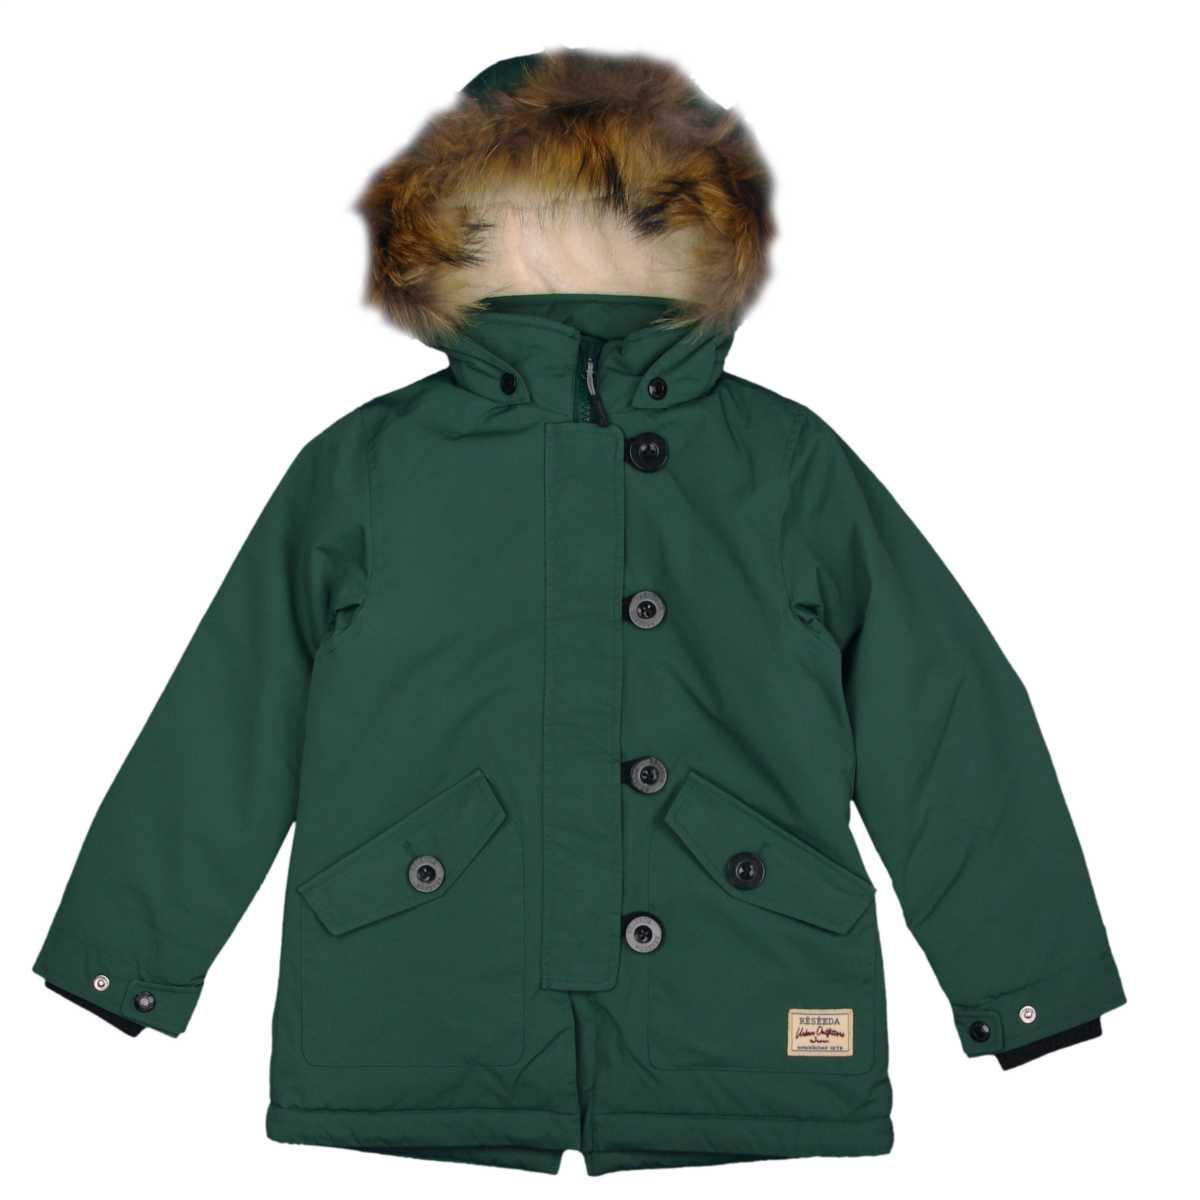 男女兼用 オンヨネジャケット モッズコート コート 裏ボア ラクーンファー付 防寒ジャケット サンプル品 (グリーン 130cm) ボーイズ キッズ ジャンパー・コート 全3色